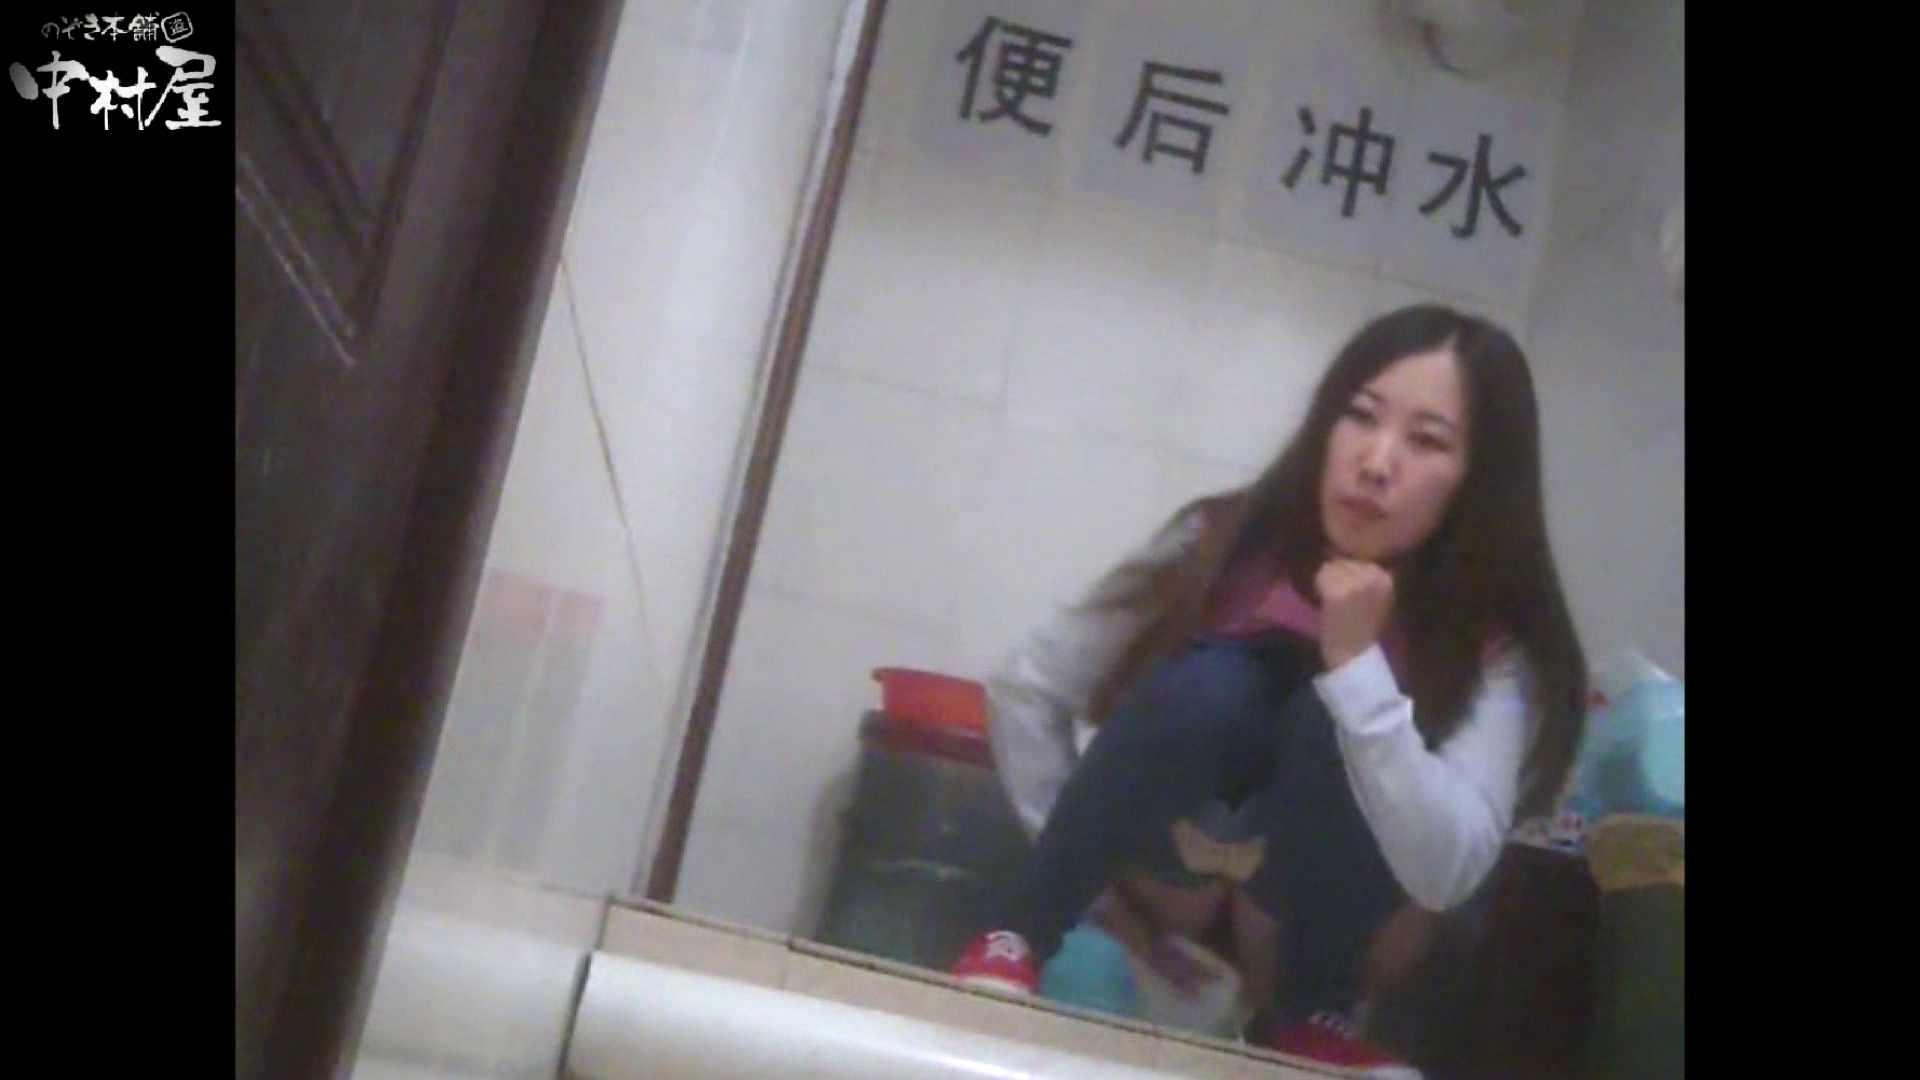 李さんの盗撮日記 Vol.09 盗撮 おめこ無修正画像 111画像 8